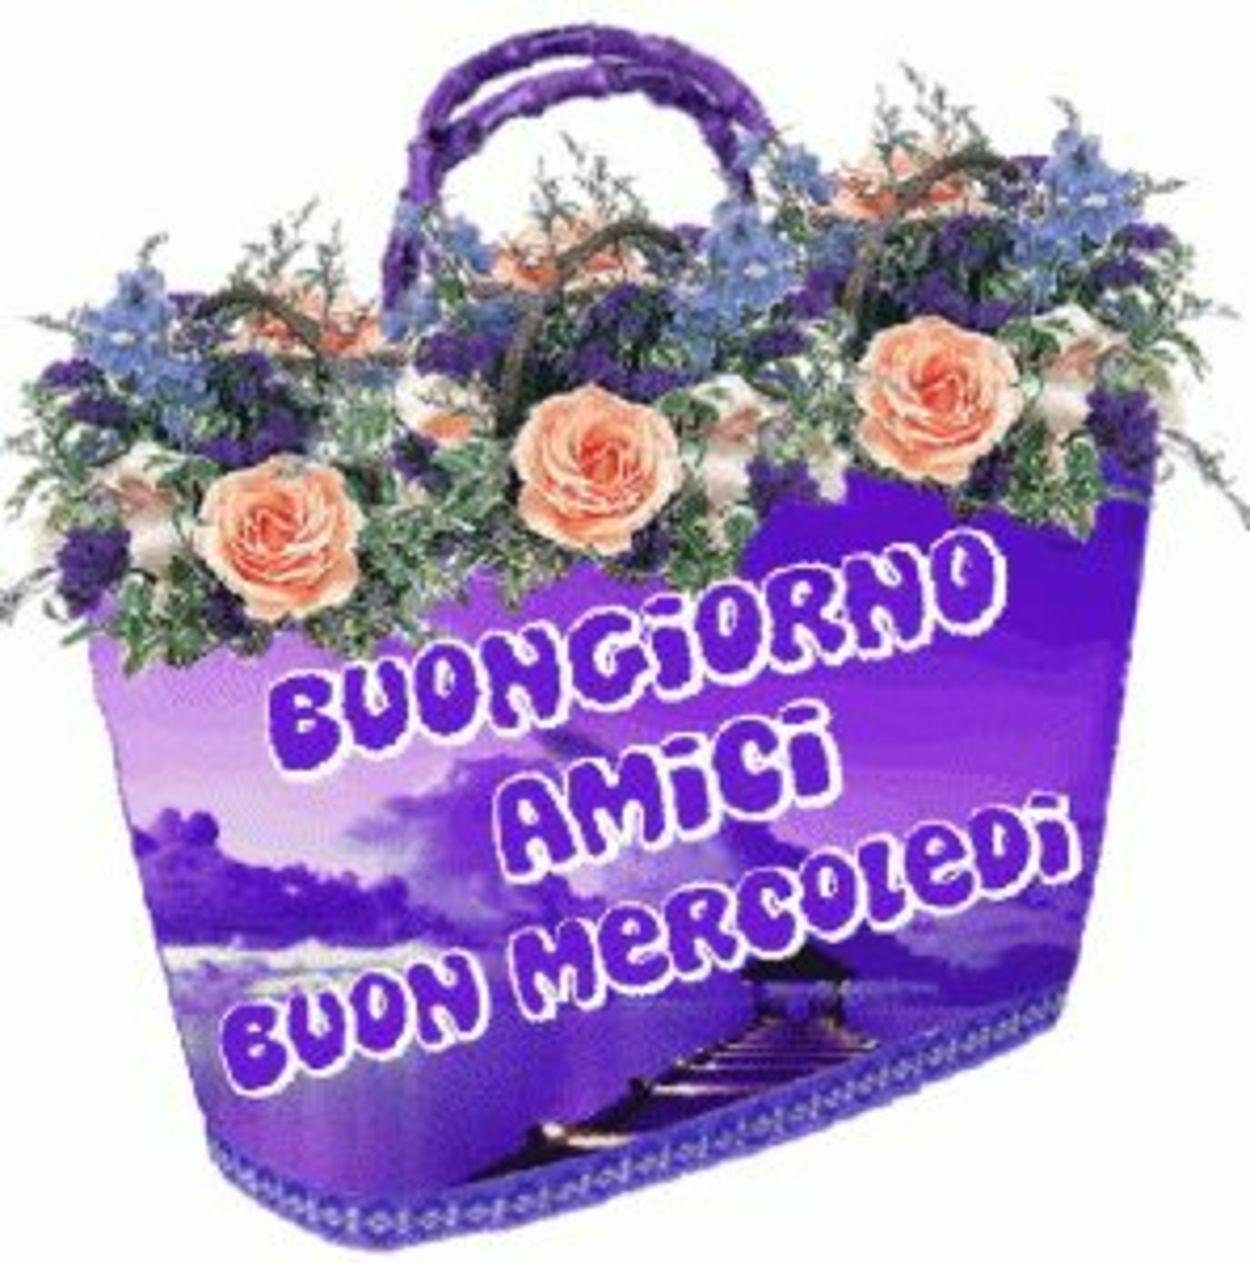 Buongiorno amici e buon mercoledì